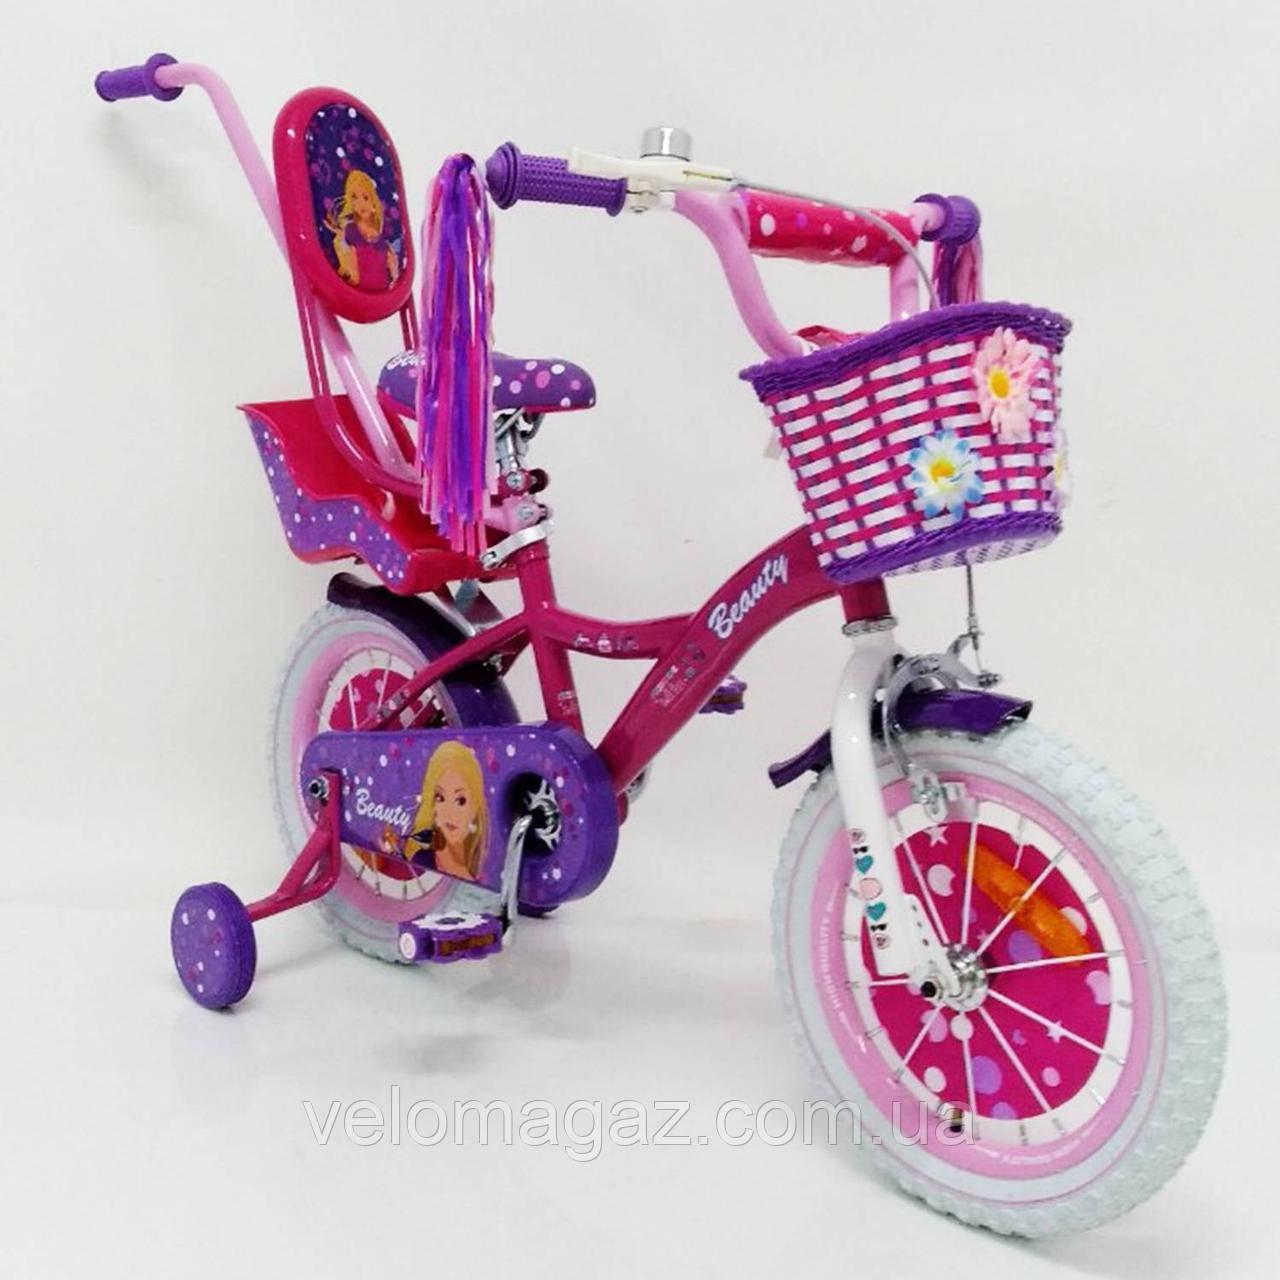 """Дитячий велосипед SIGMA """"BEAUTY-2"""" 19ВВ02-14"""" Фіолетовий"""